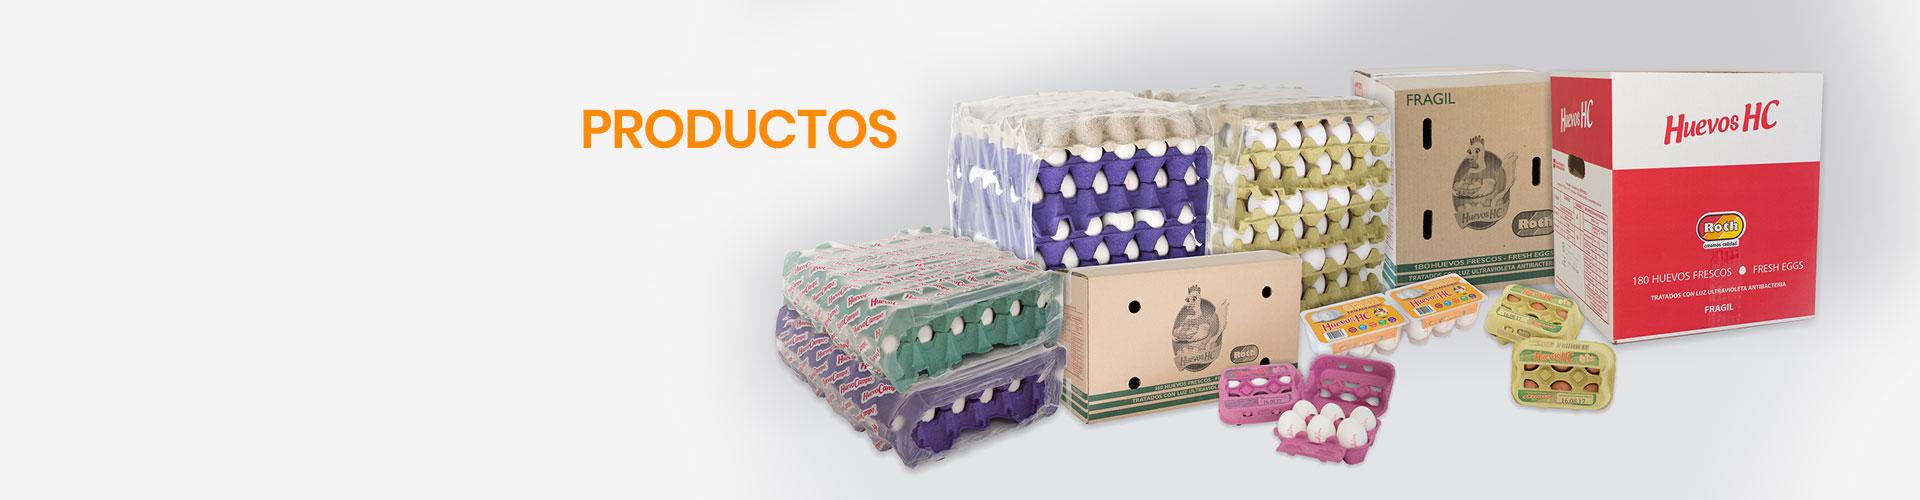 Huevo_Campo_Productos